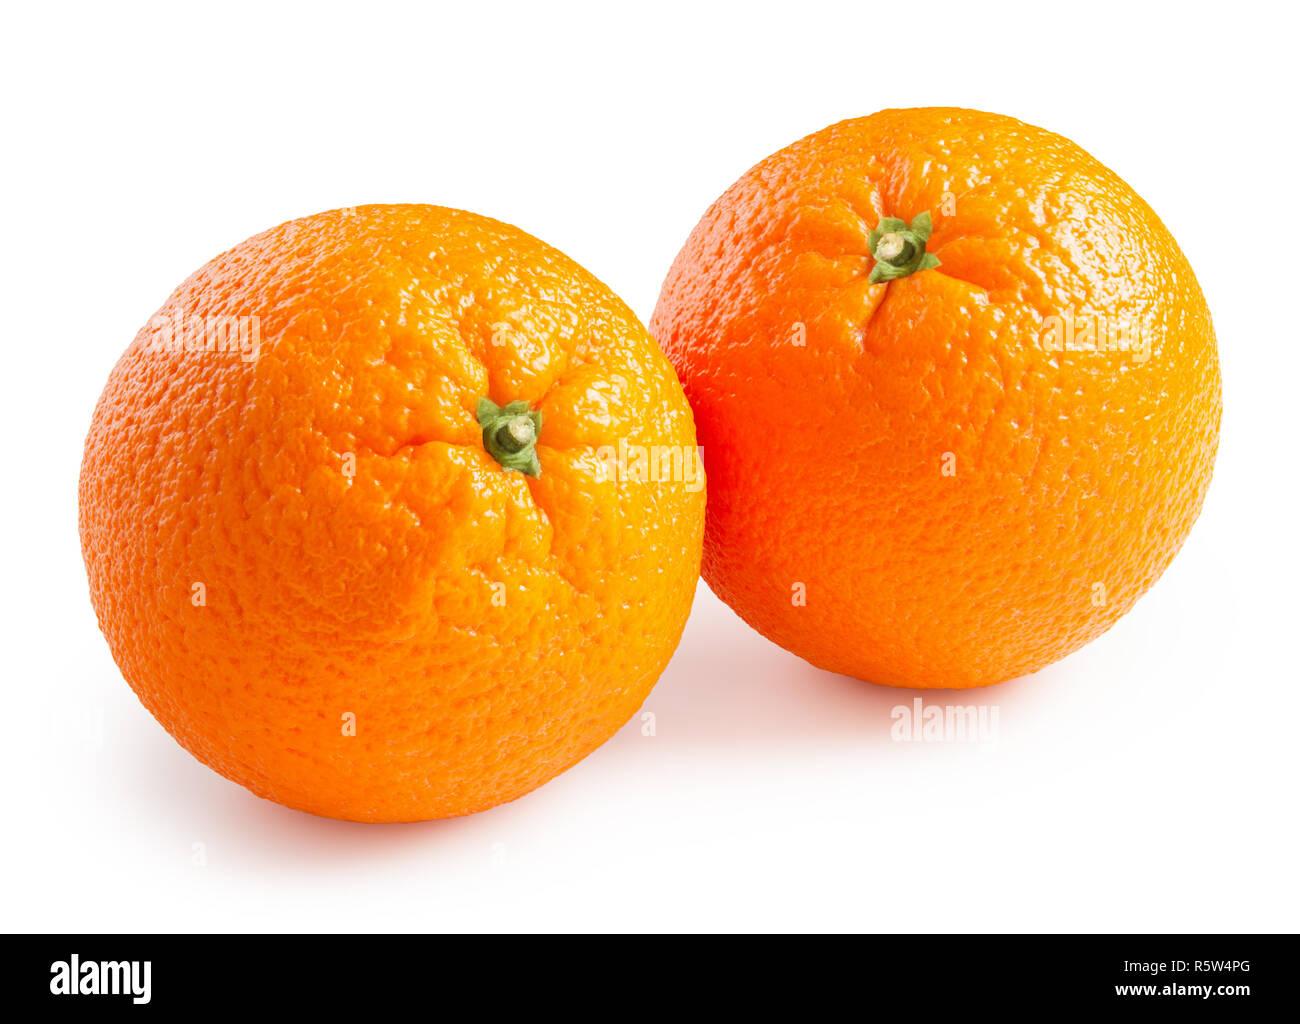 Oranges. Ripe oranges isolated on white background - Stock Image